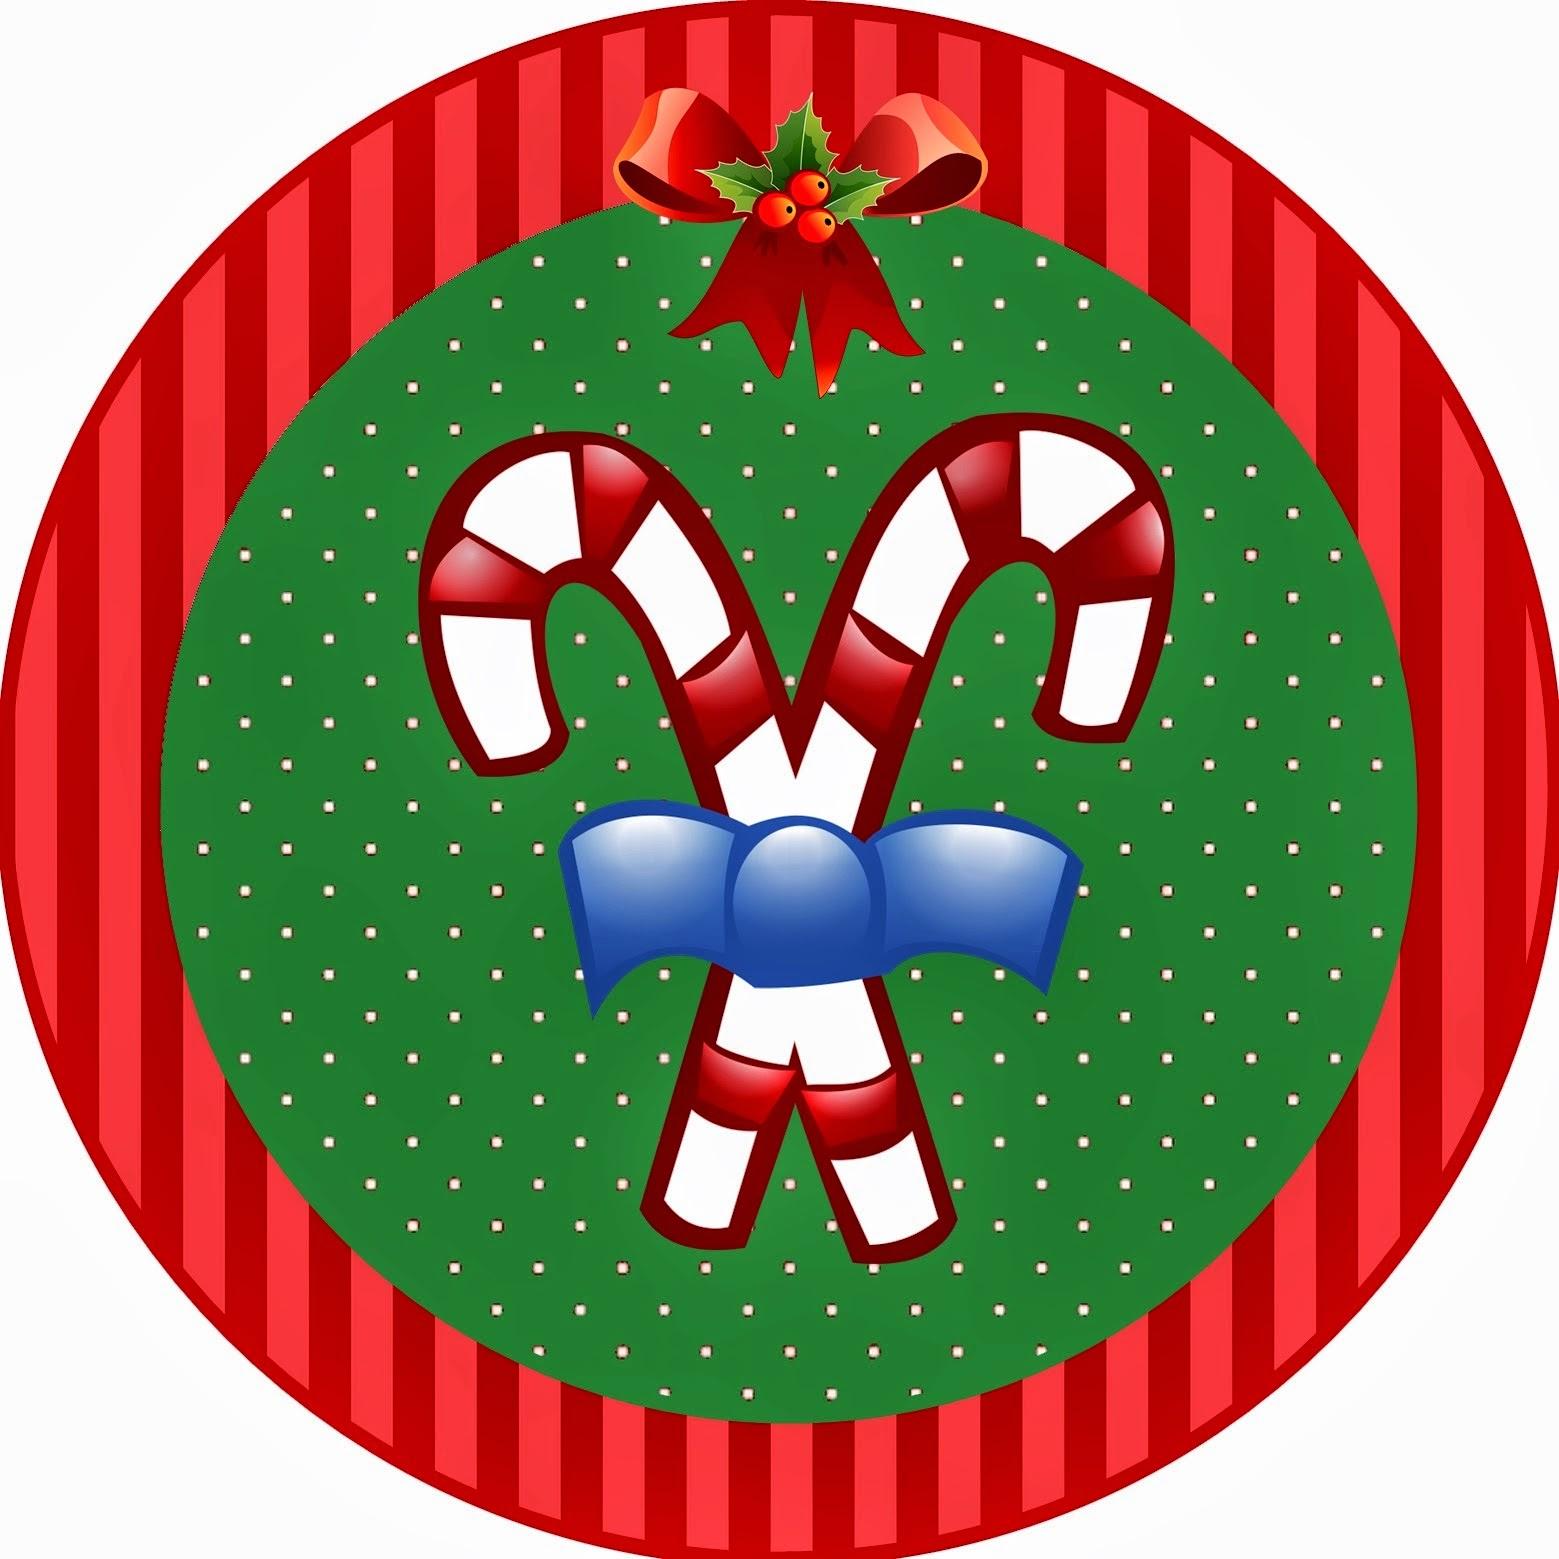 Kit de navidad para imprimir gratis ideas y material - Imagenes de navidad para imprimir gratis ...